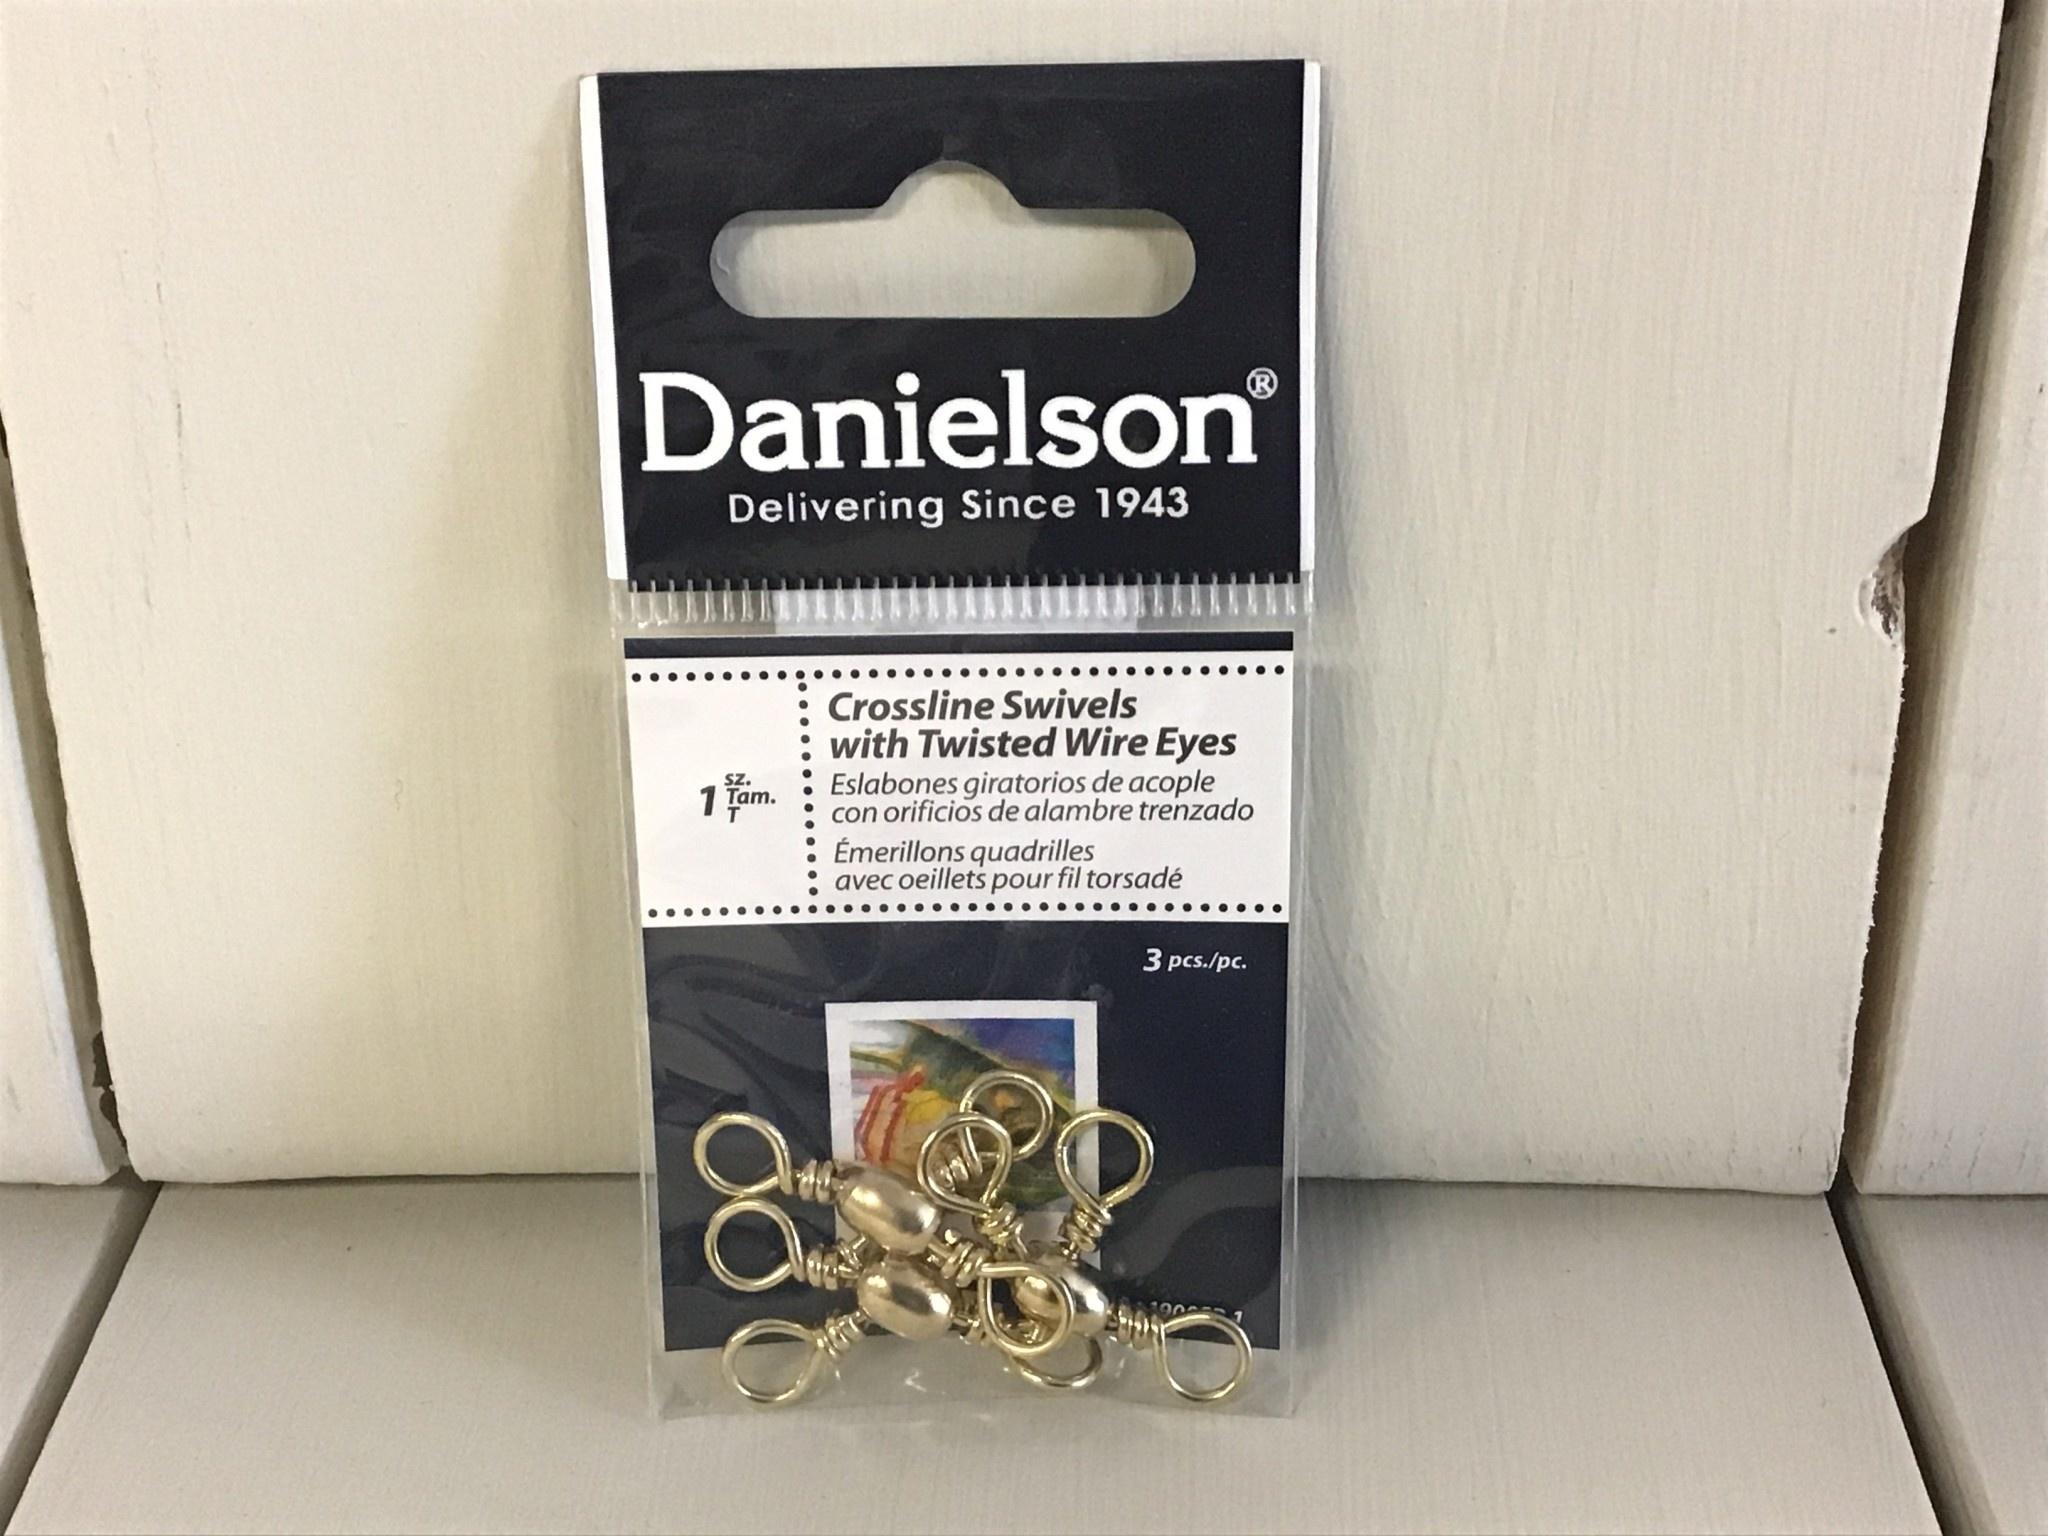 Danielson Crossline Swivels: Size 1, Danielson